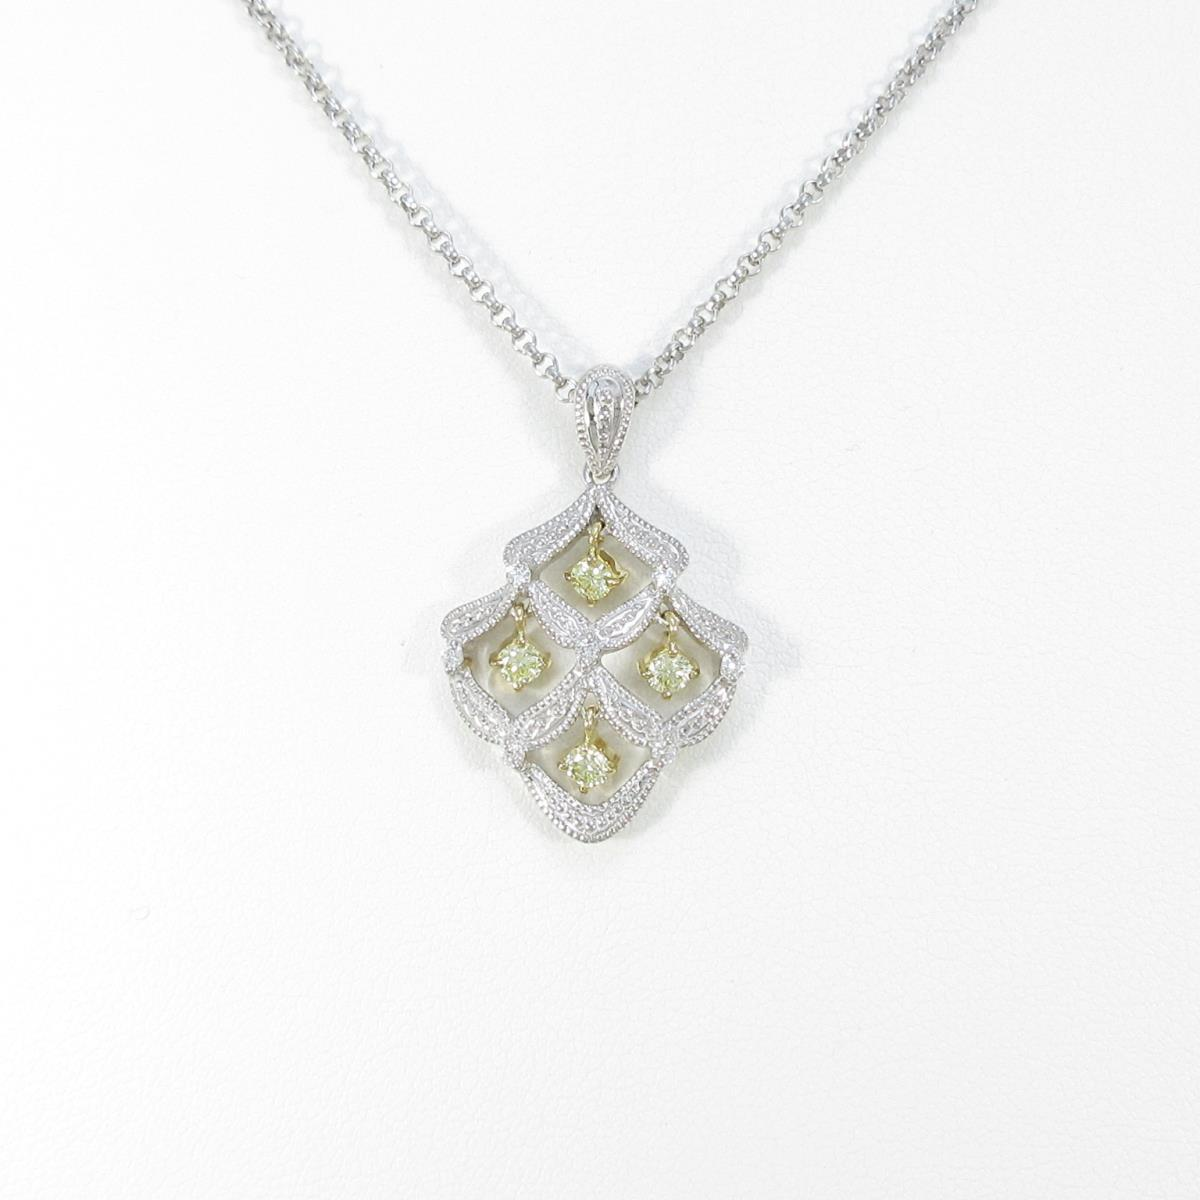 K18WG/K18YG ダイヤモンドネックレス【中古】